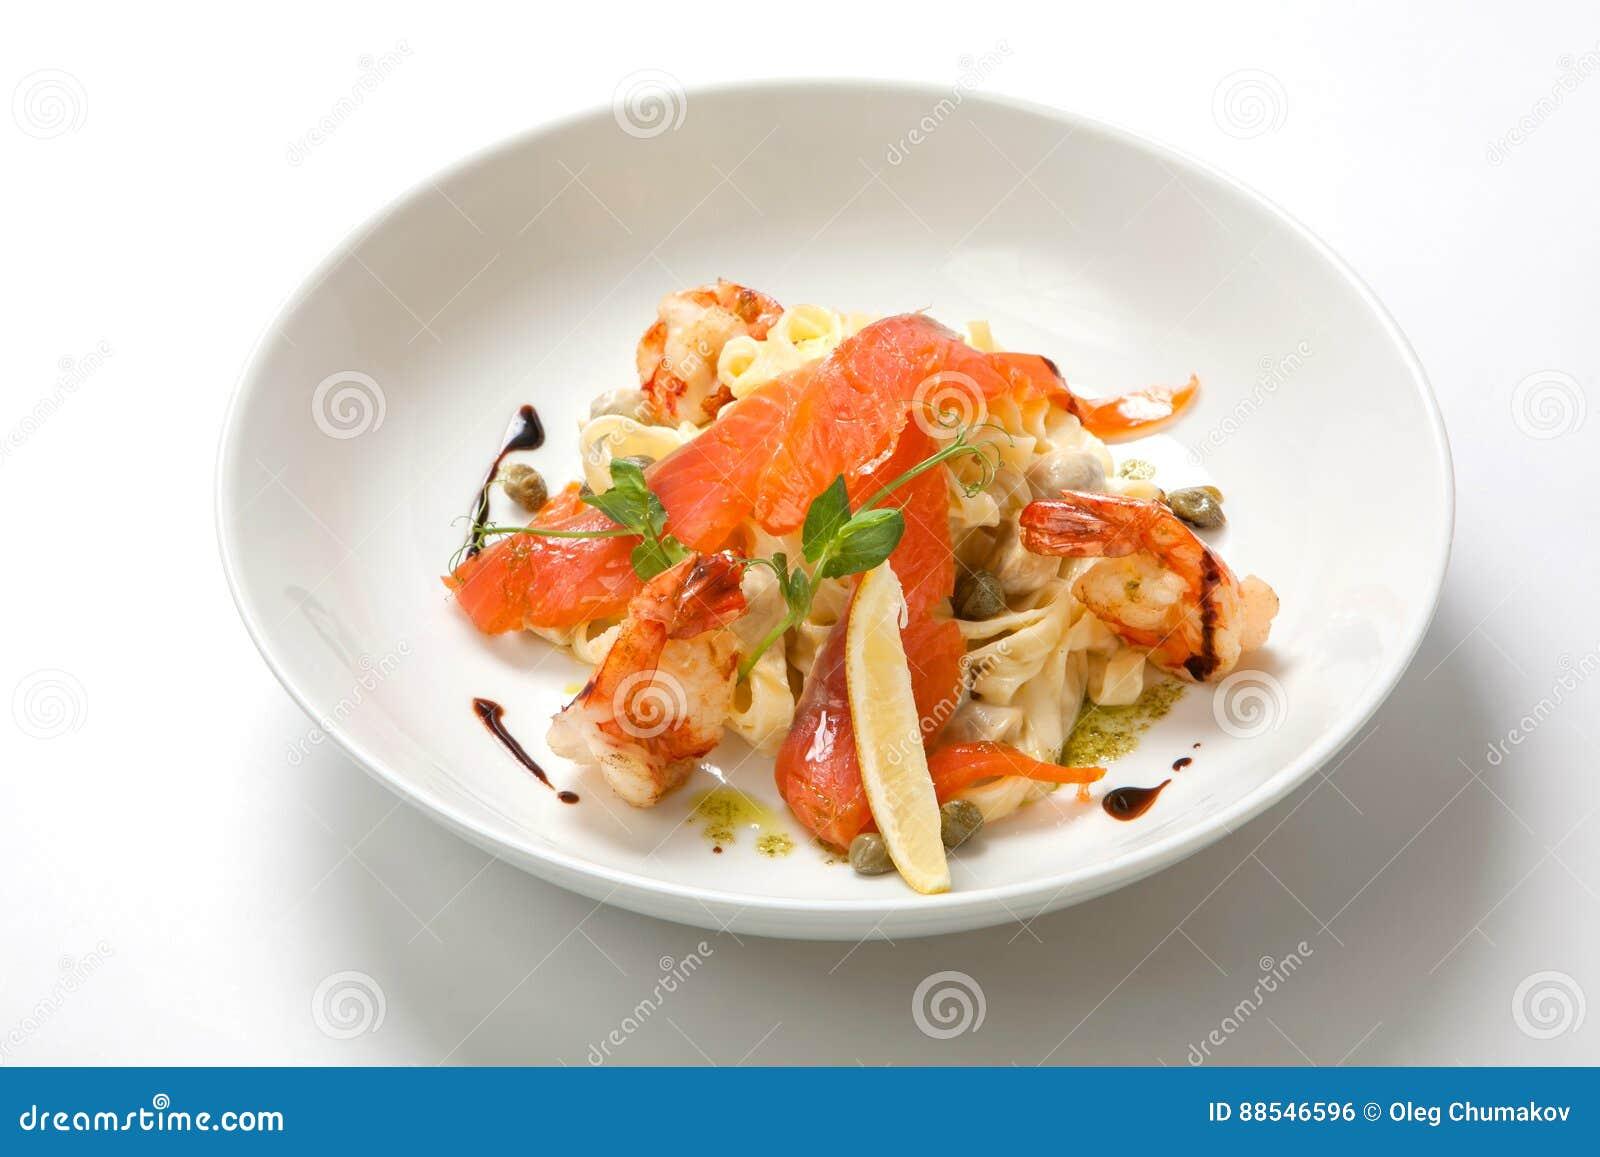 Pasta con gamberetto e salsa cremosa in un piatto profondo bianco